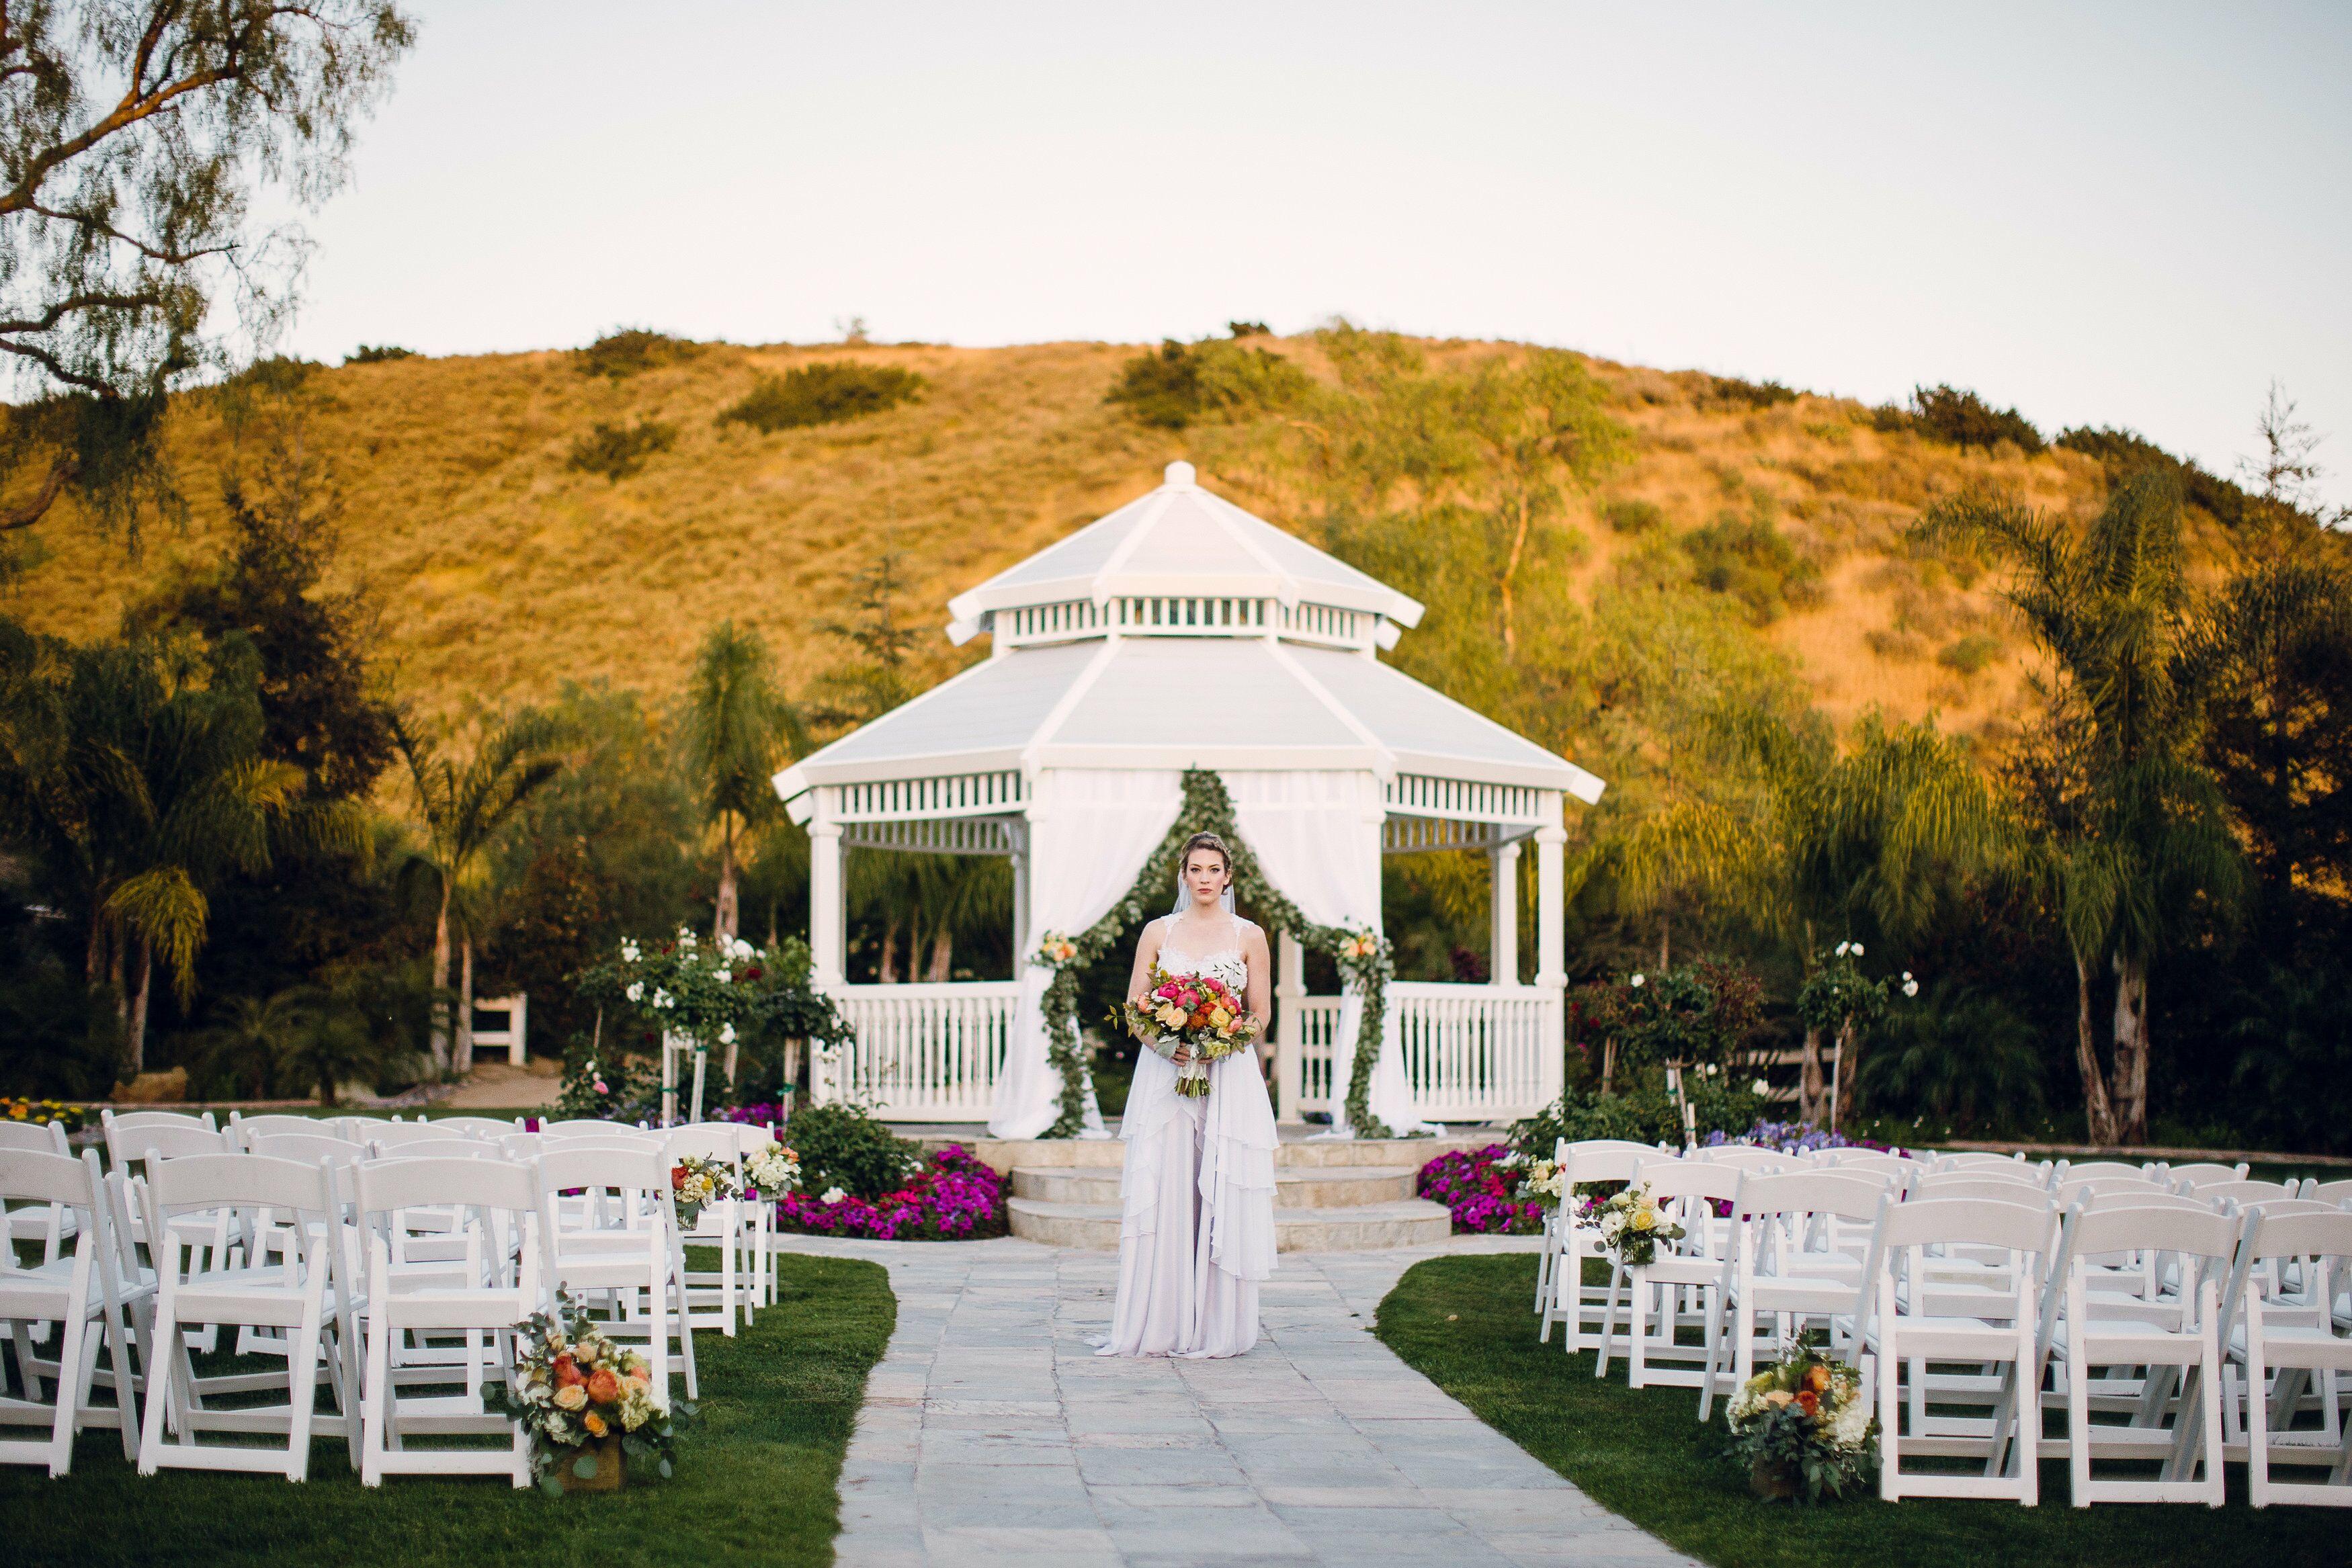 West lake wedding venues